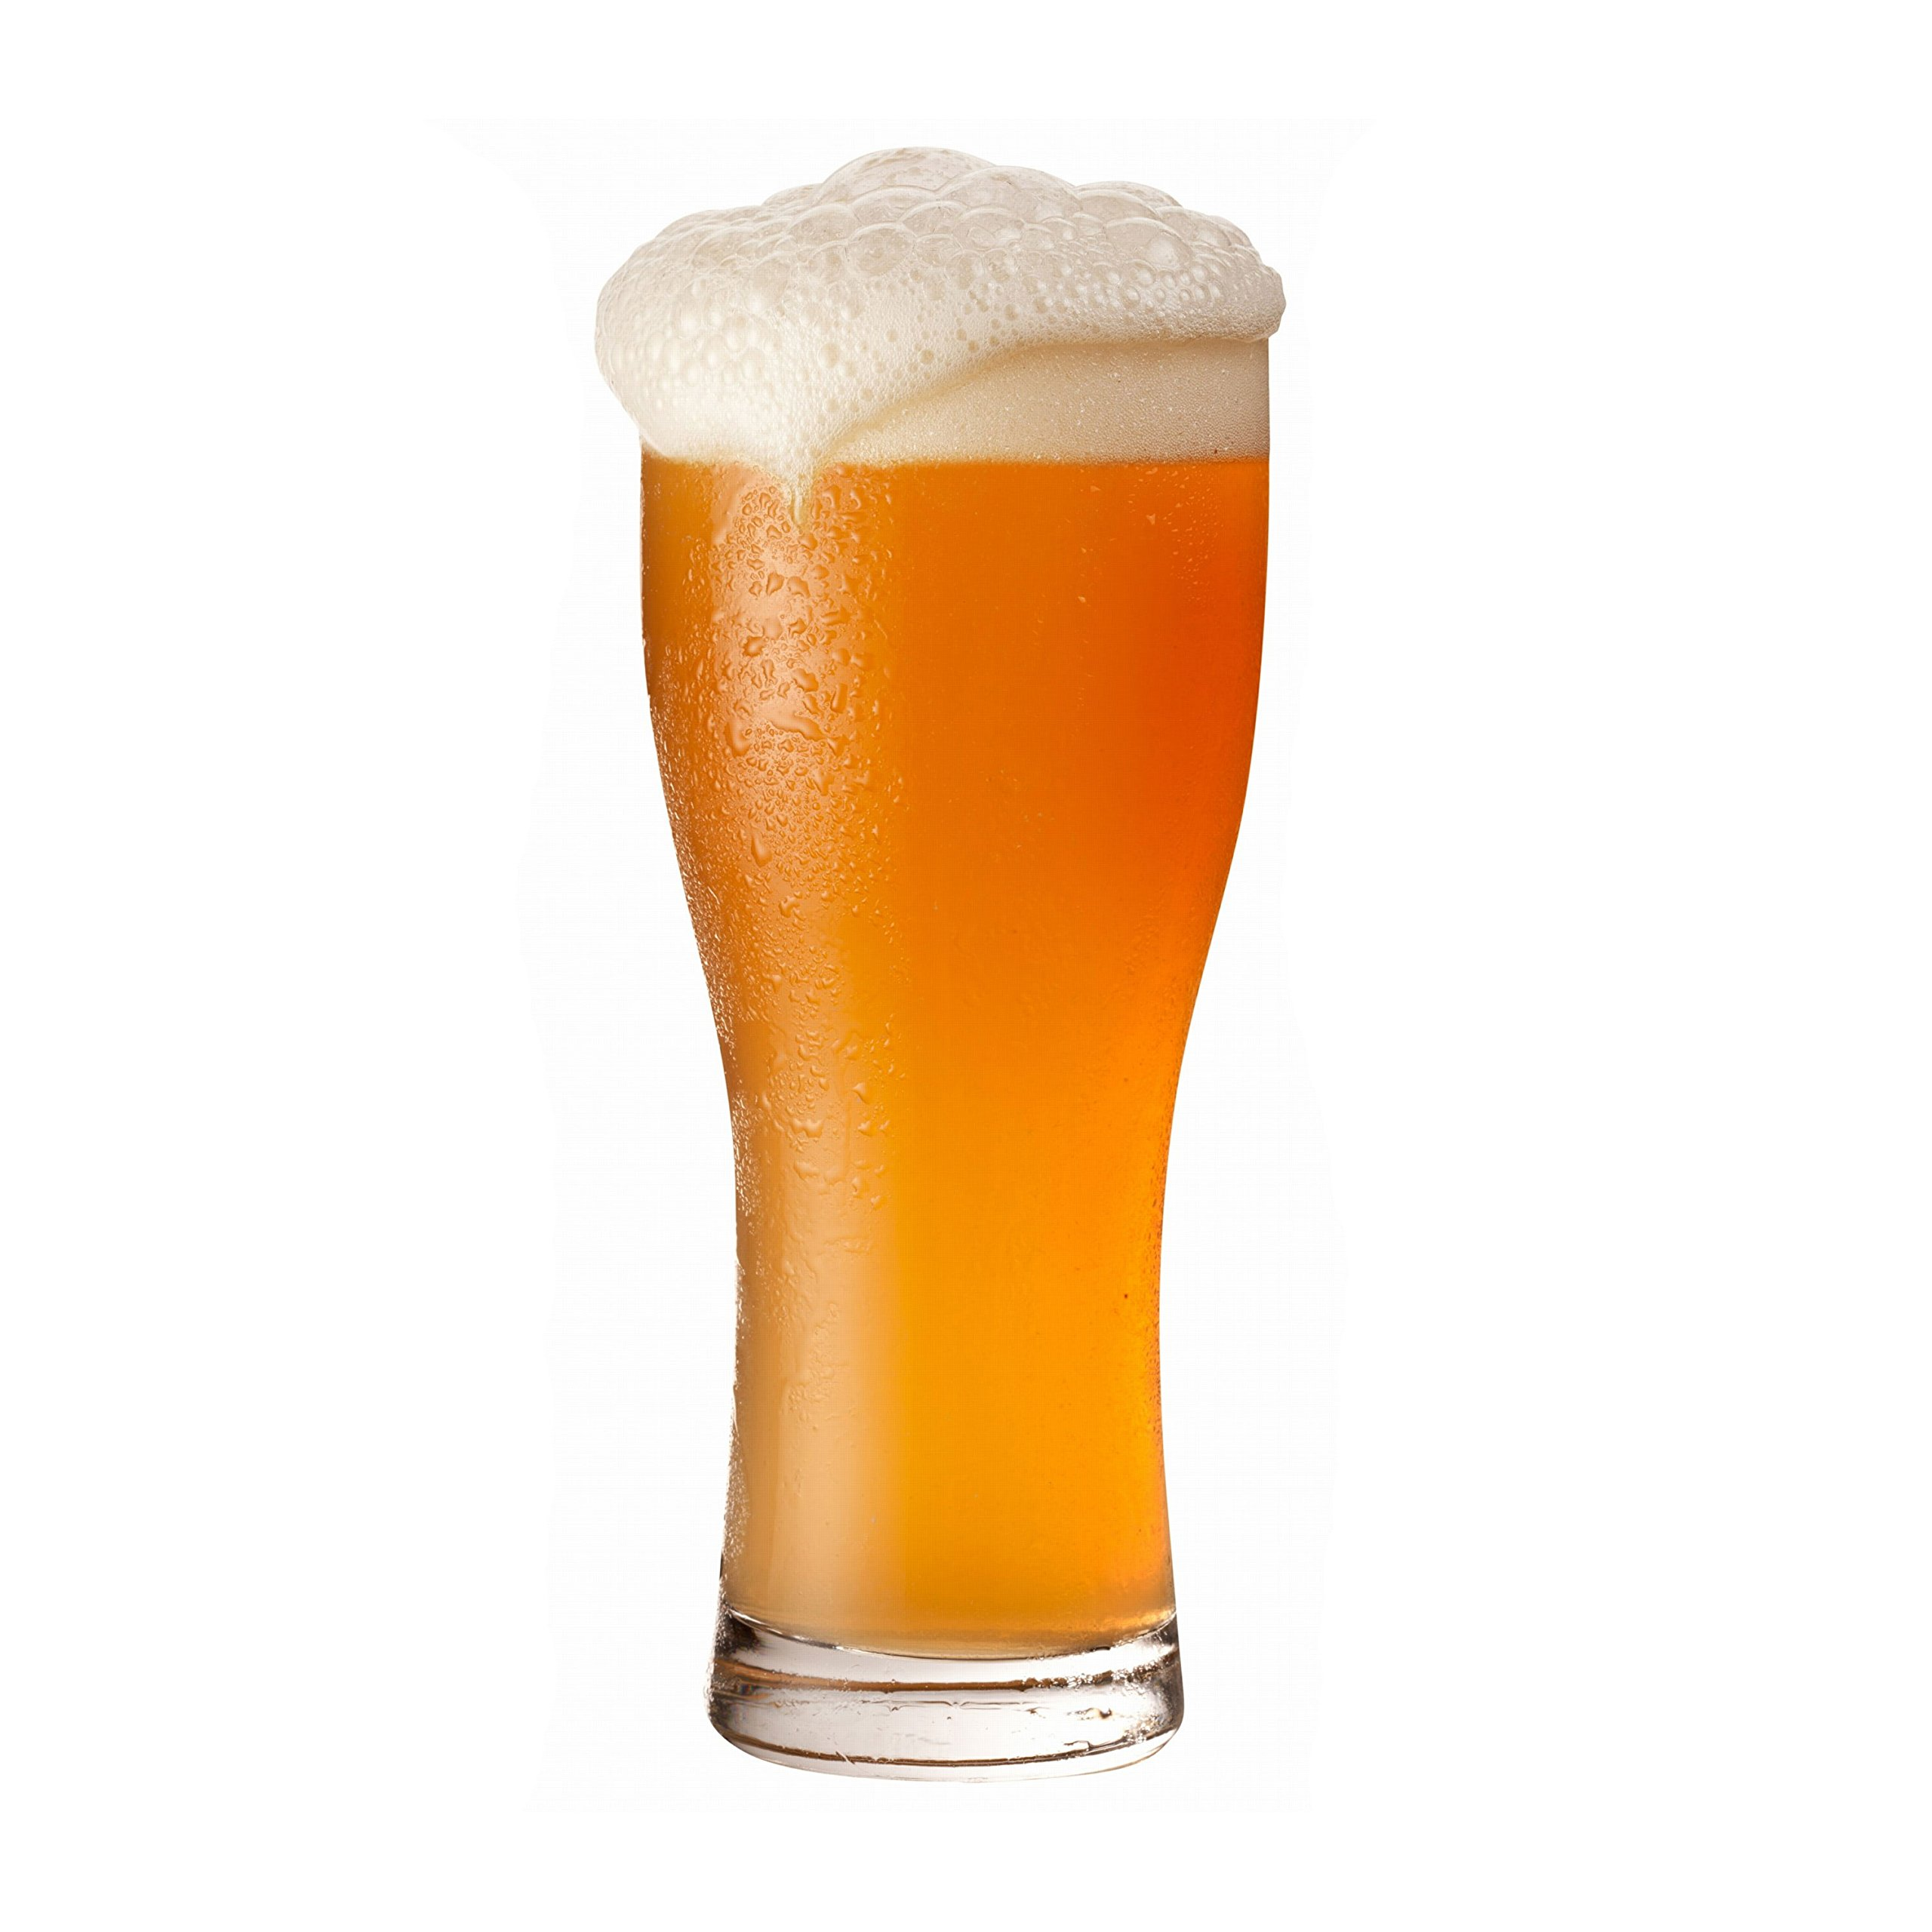 Home Brew Stuff HBS-GERMANHEFF German HEFEWEIZEN ALE Beer Recipe Ingredient Kit